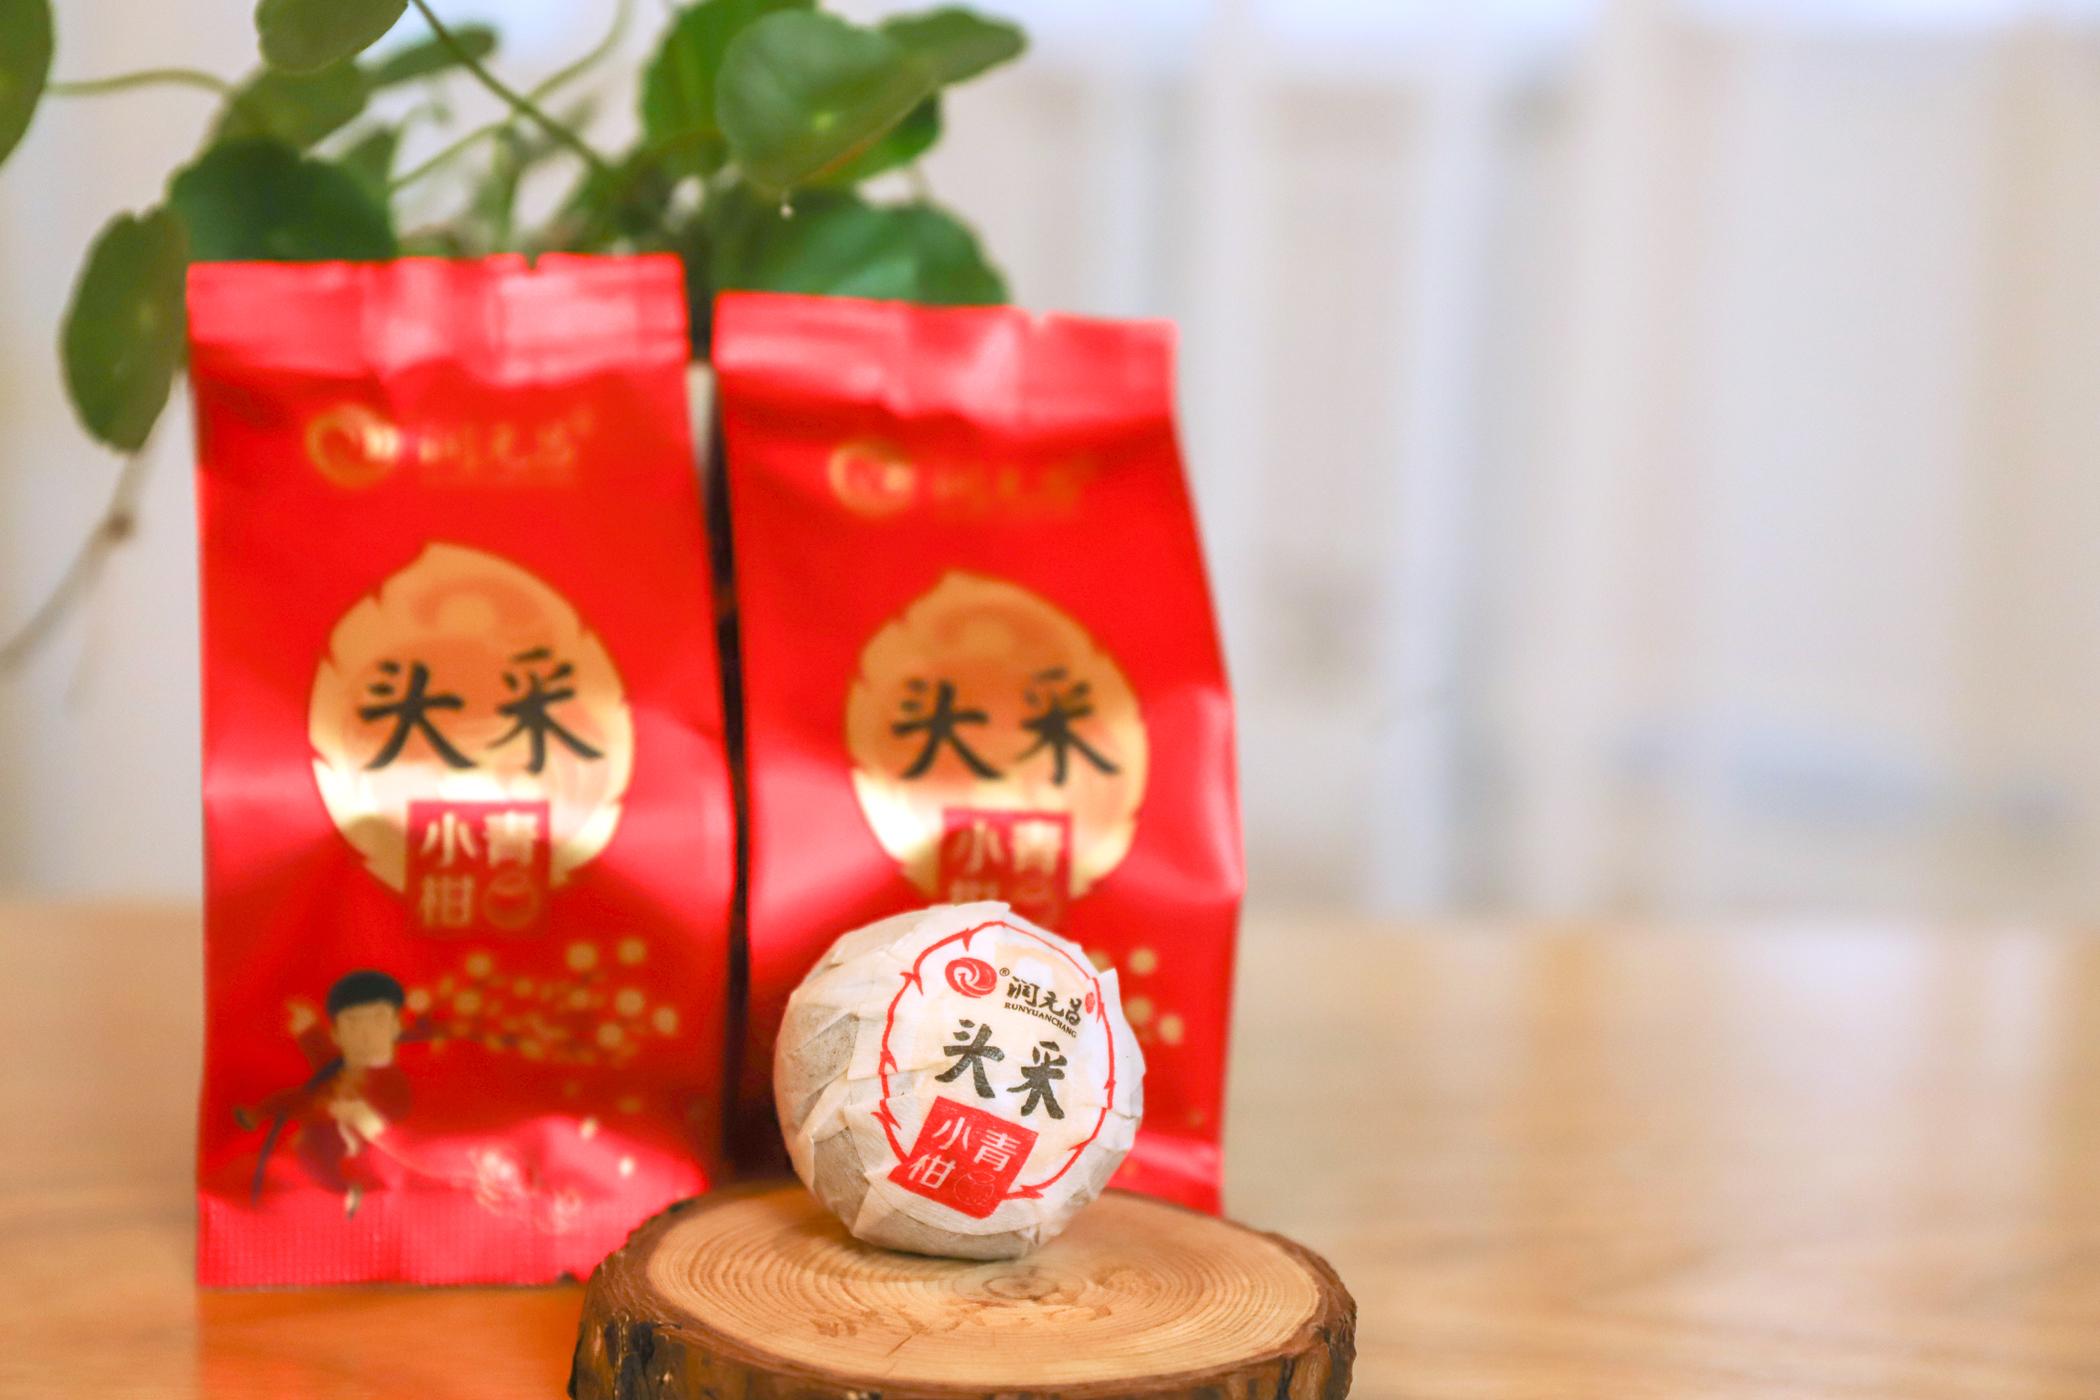 小青柑的功效與作用 喝小青柑茶的好處